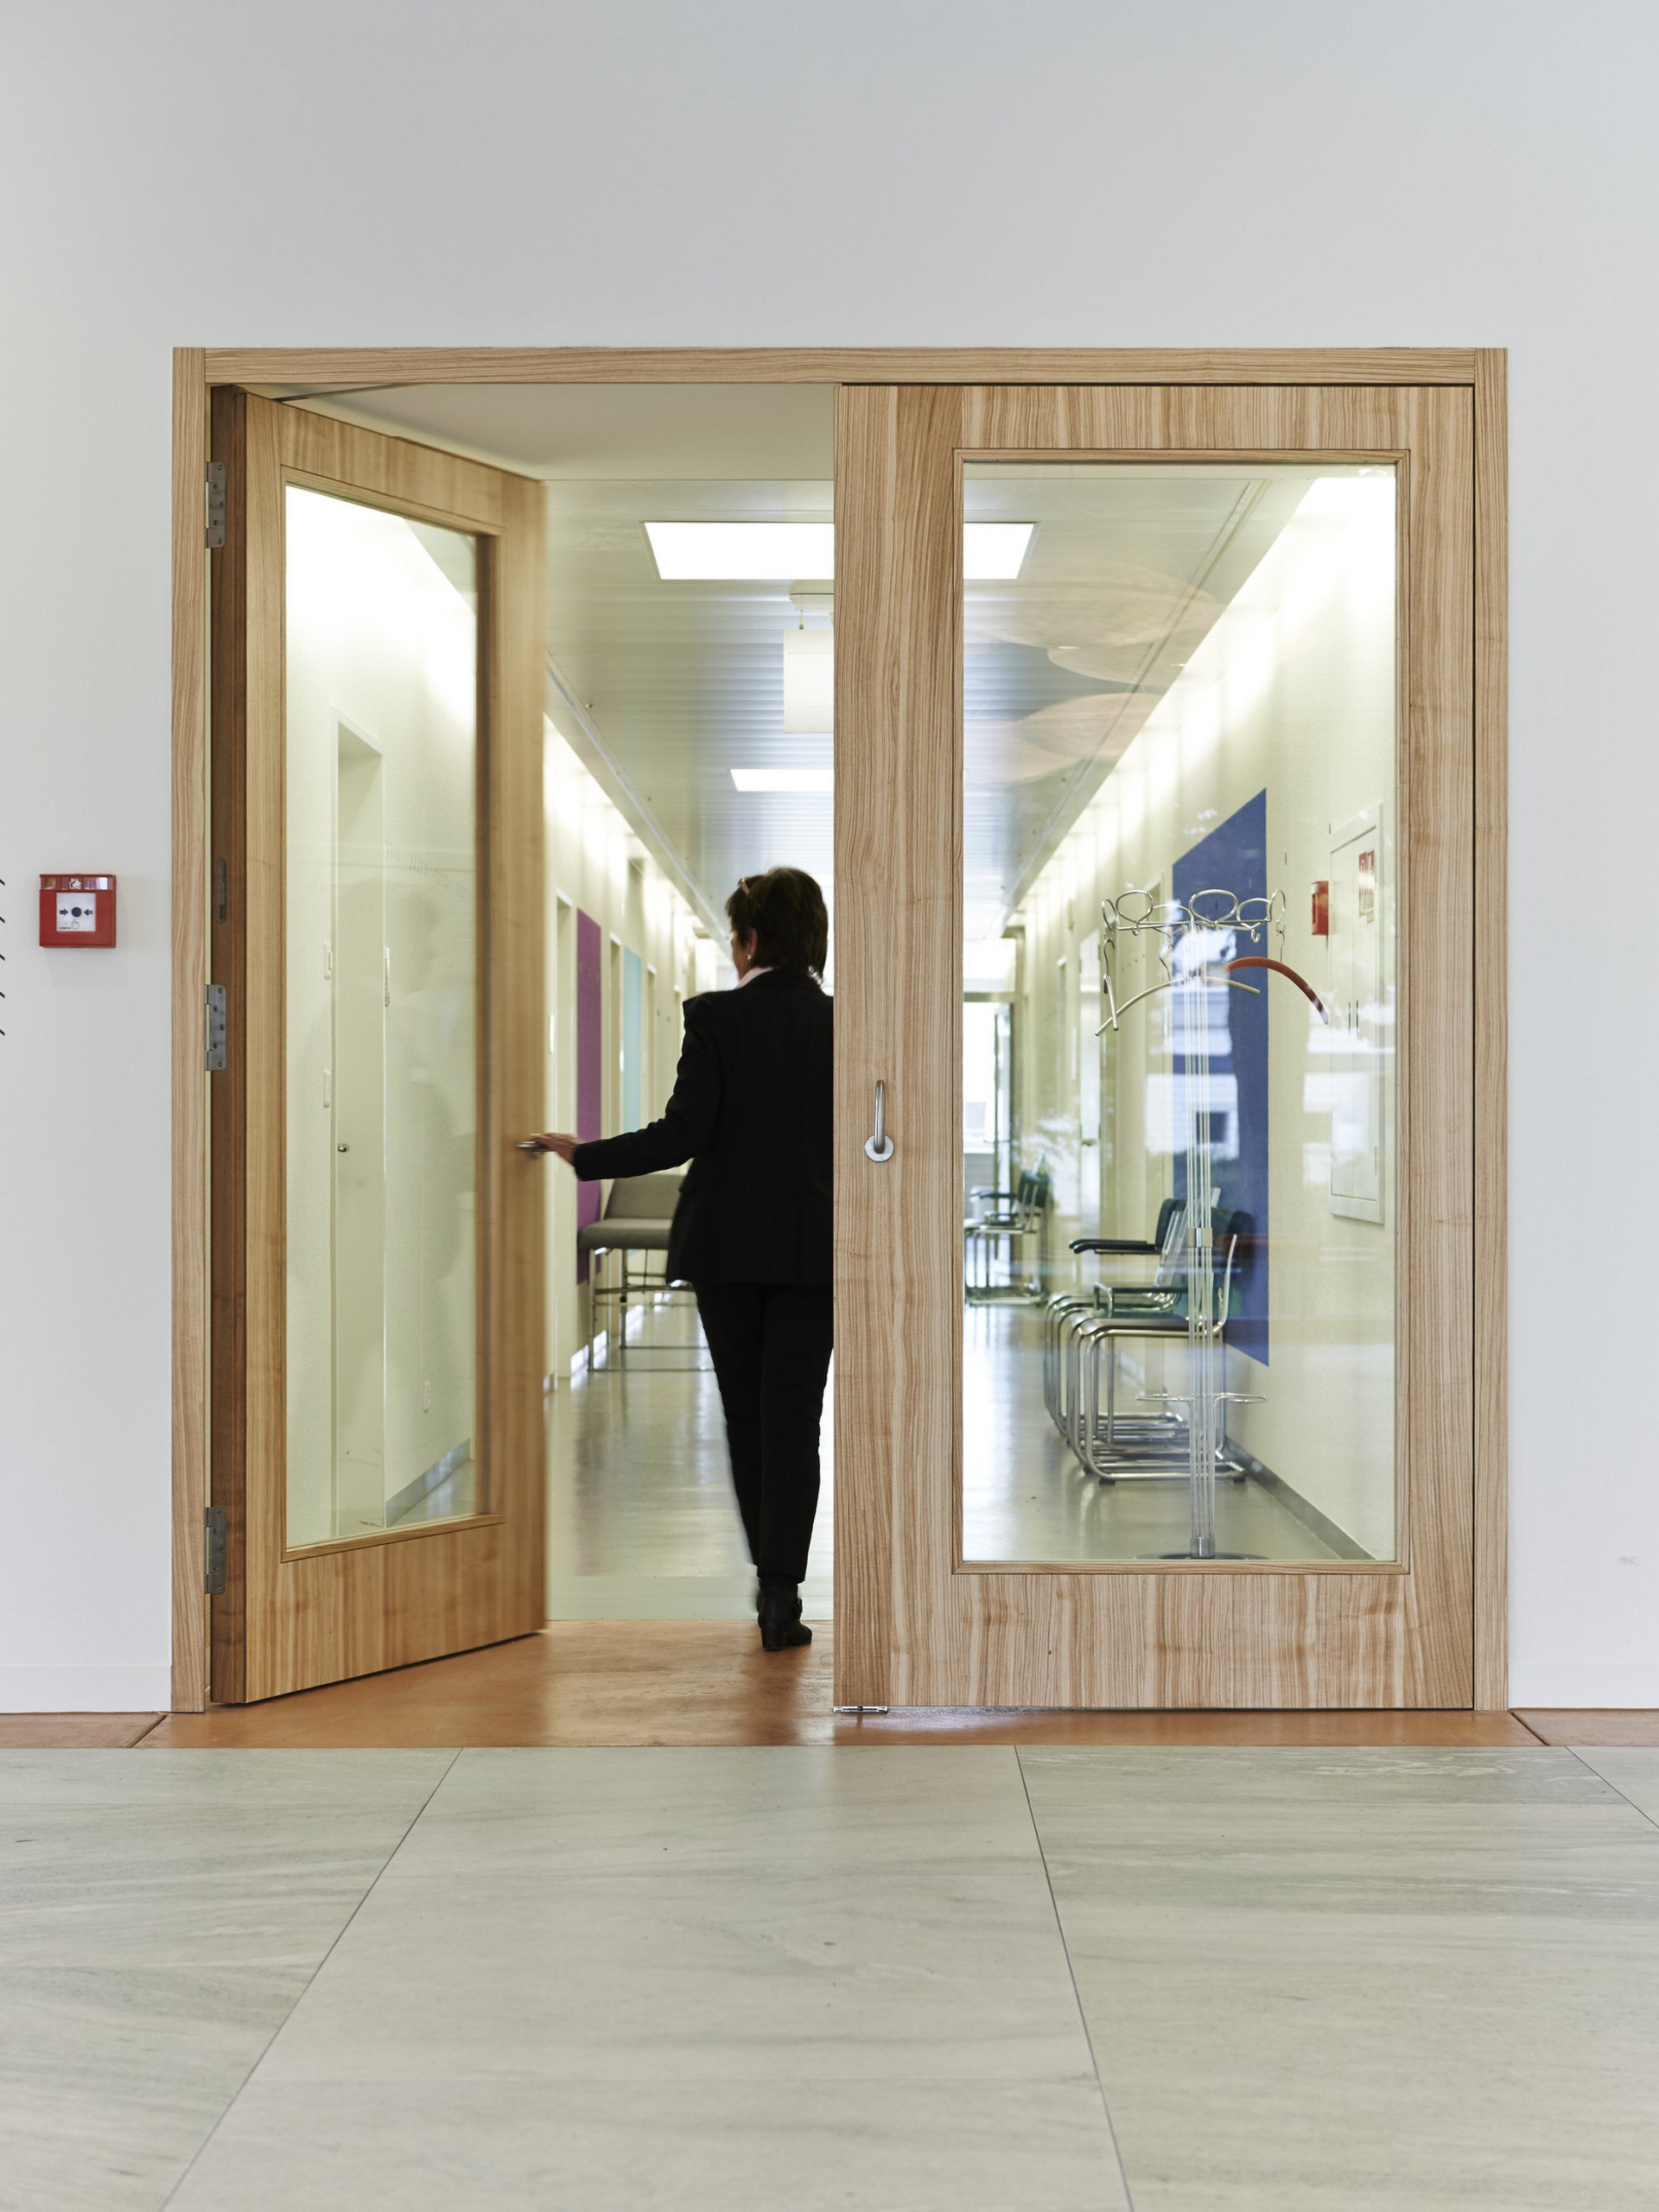 Brandschutztür Holz mit Glasfenster linke Tür offen Frau von hinten